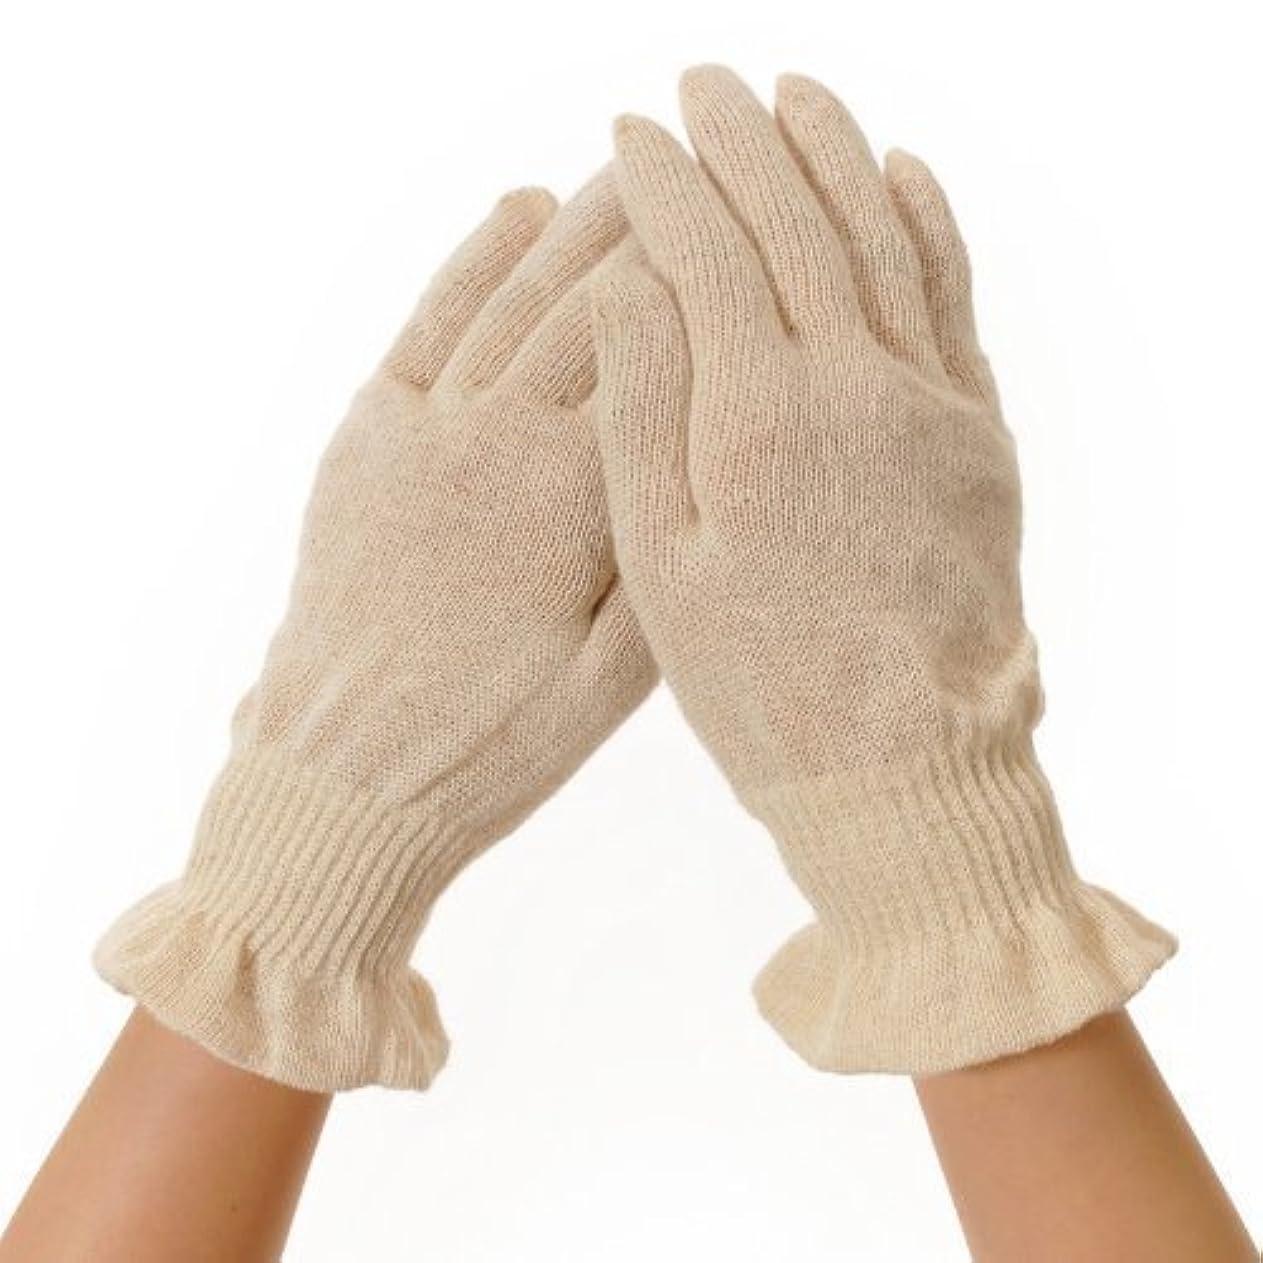 近所の擬人化経度麻福 就寝用 手袋 [寝ている間に保湿で手荒れケア おやすみ手袋] 麻福特製ヘンプ糸 R レギュラーサイズ (女性ゆったり/男性ジャストフィット) きなり色 手荒れ予防